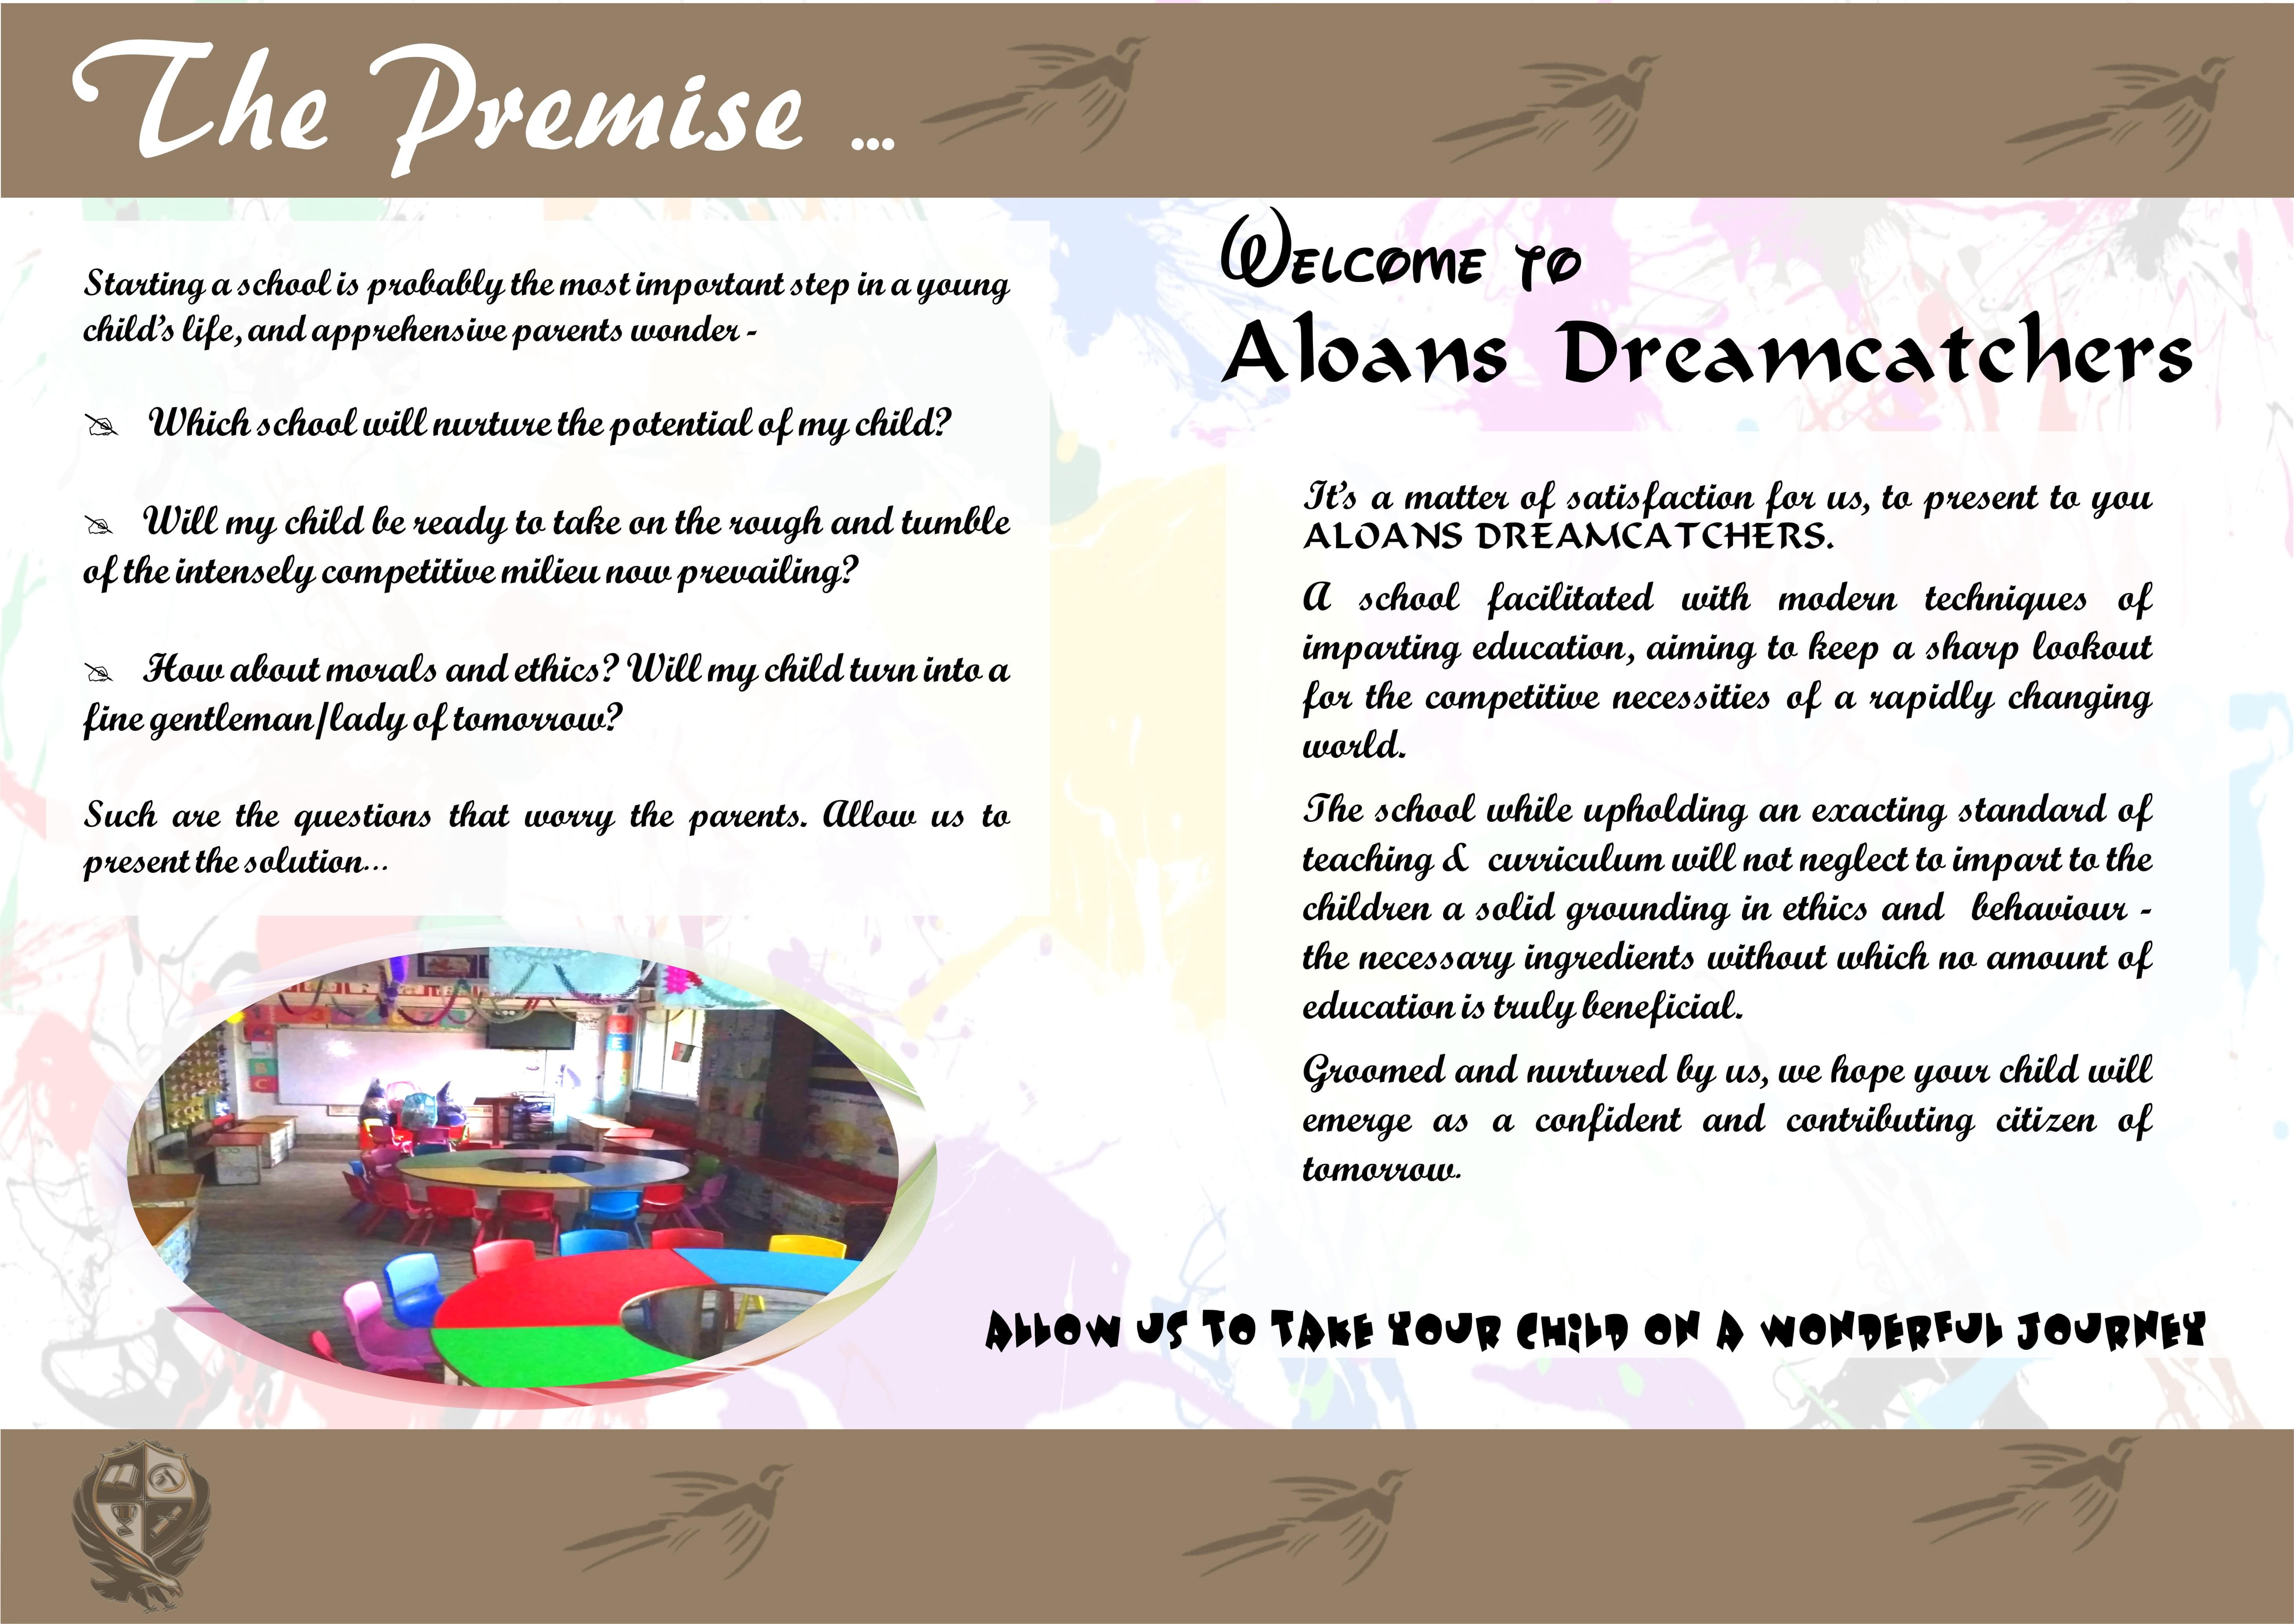 Aloans Dreamcatchers School Ranchi